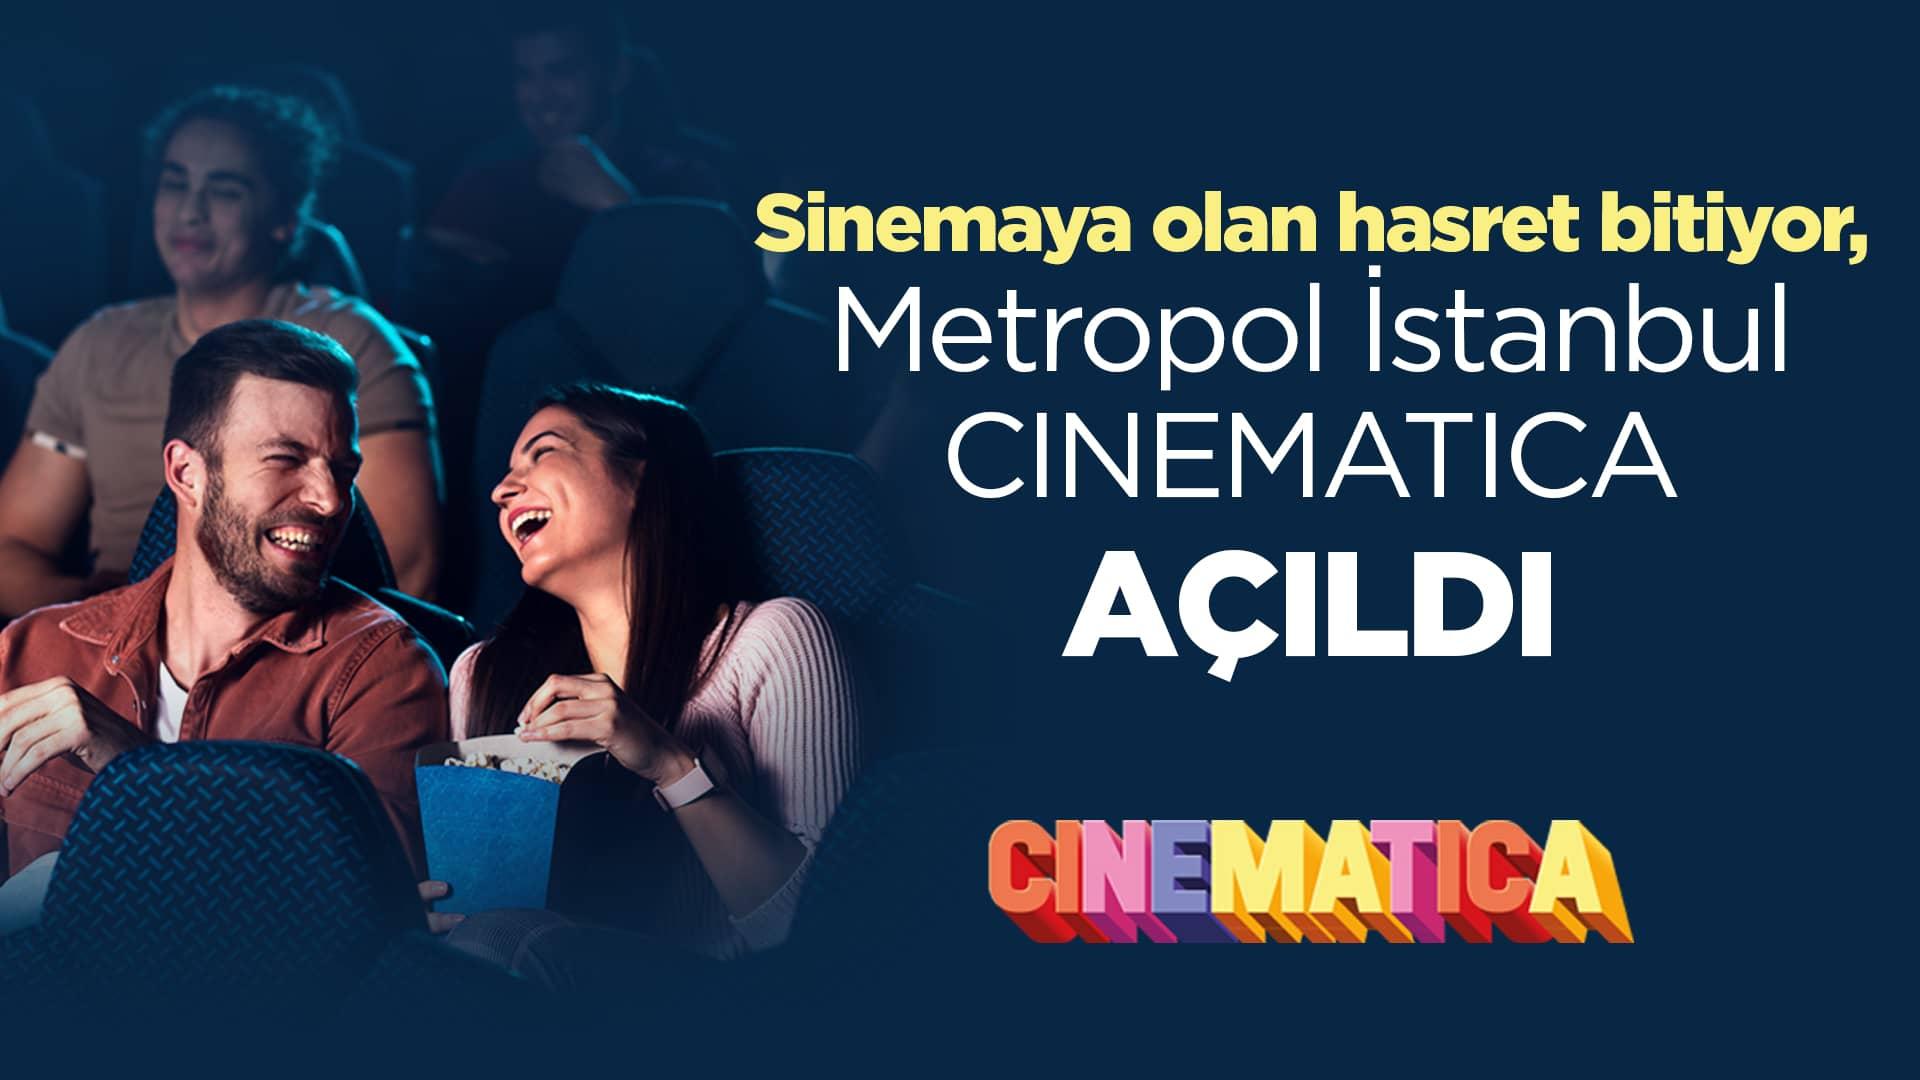 Sinemaya olan hasret bitti, Metropol İstanbul Cinematica açıldı!